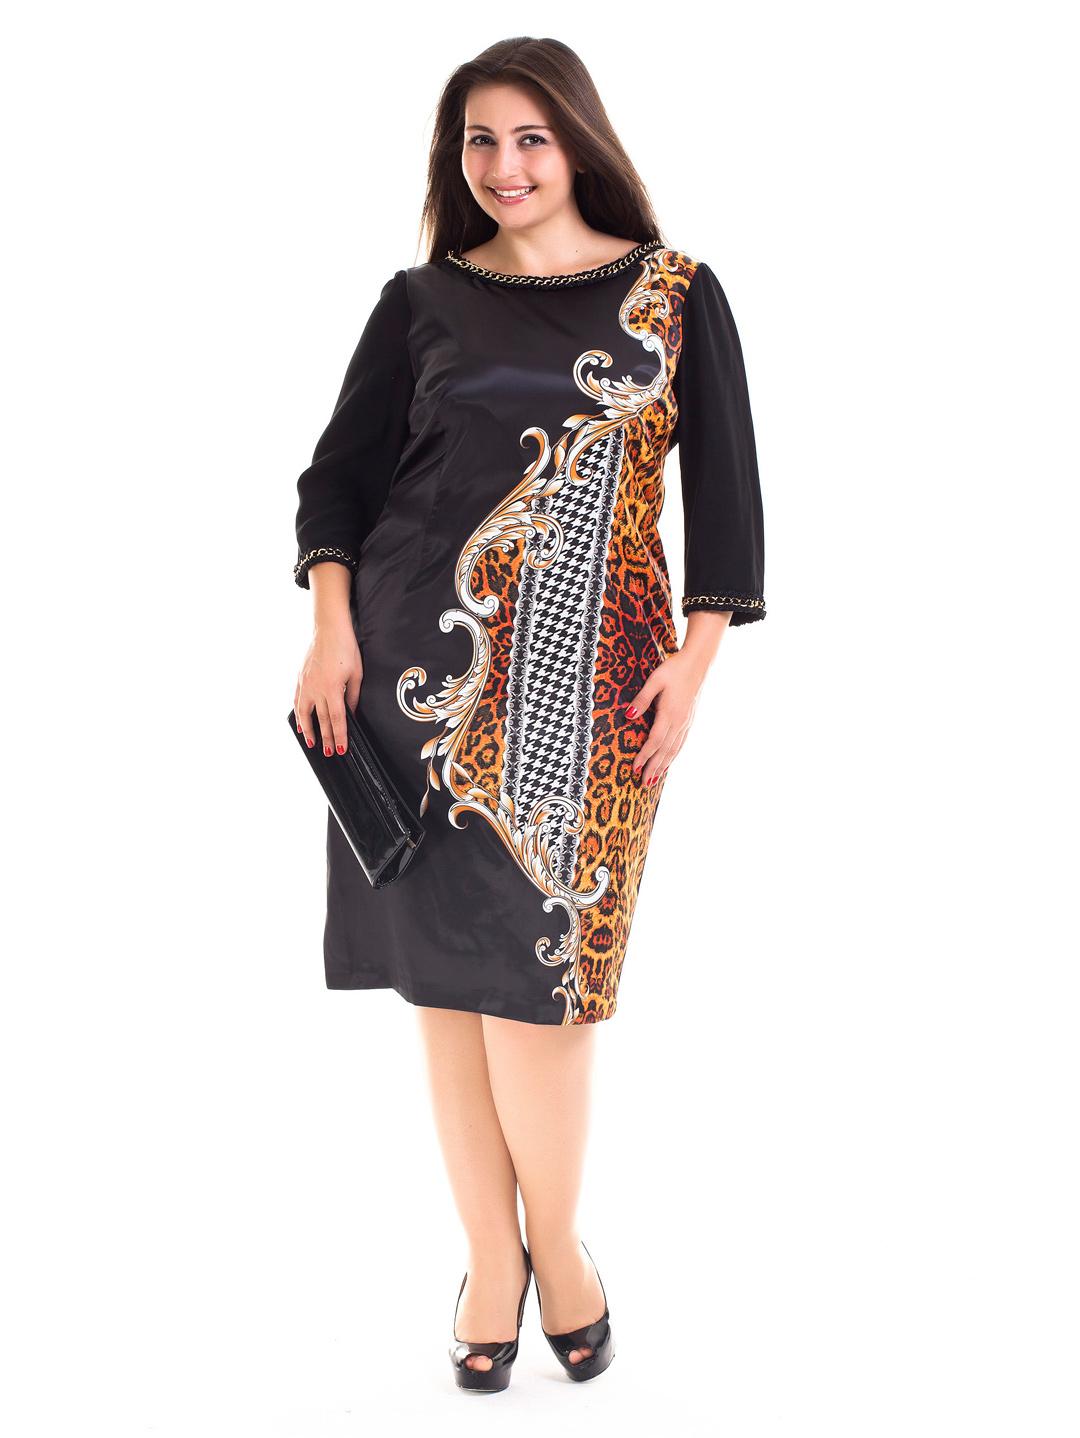 Plus size dresses collection 2013 plus size party dresses 2013